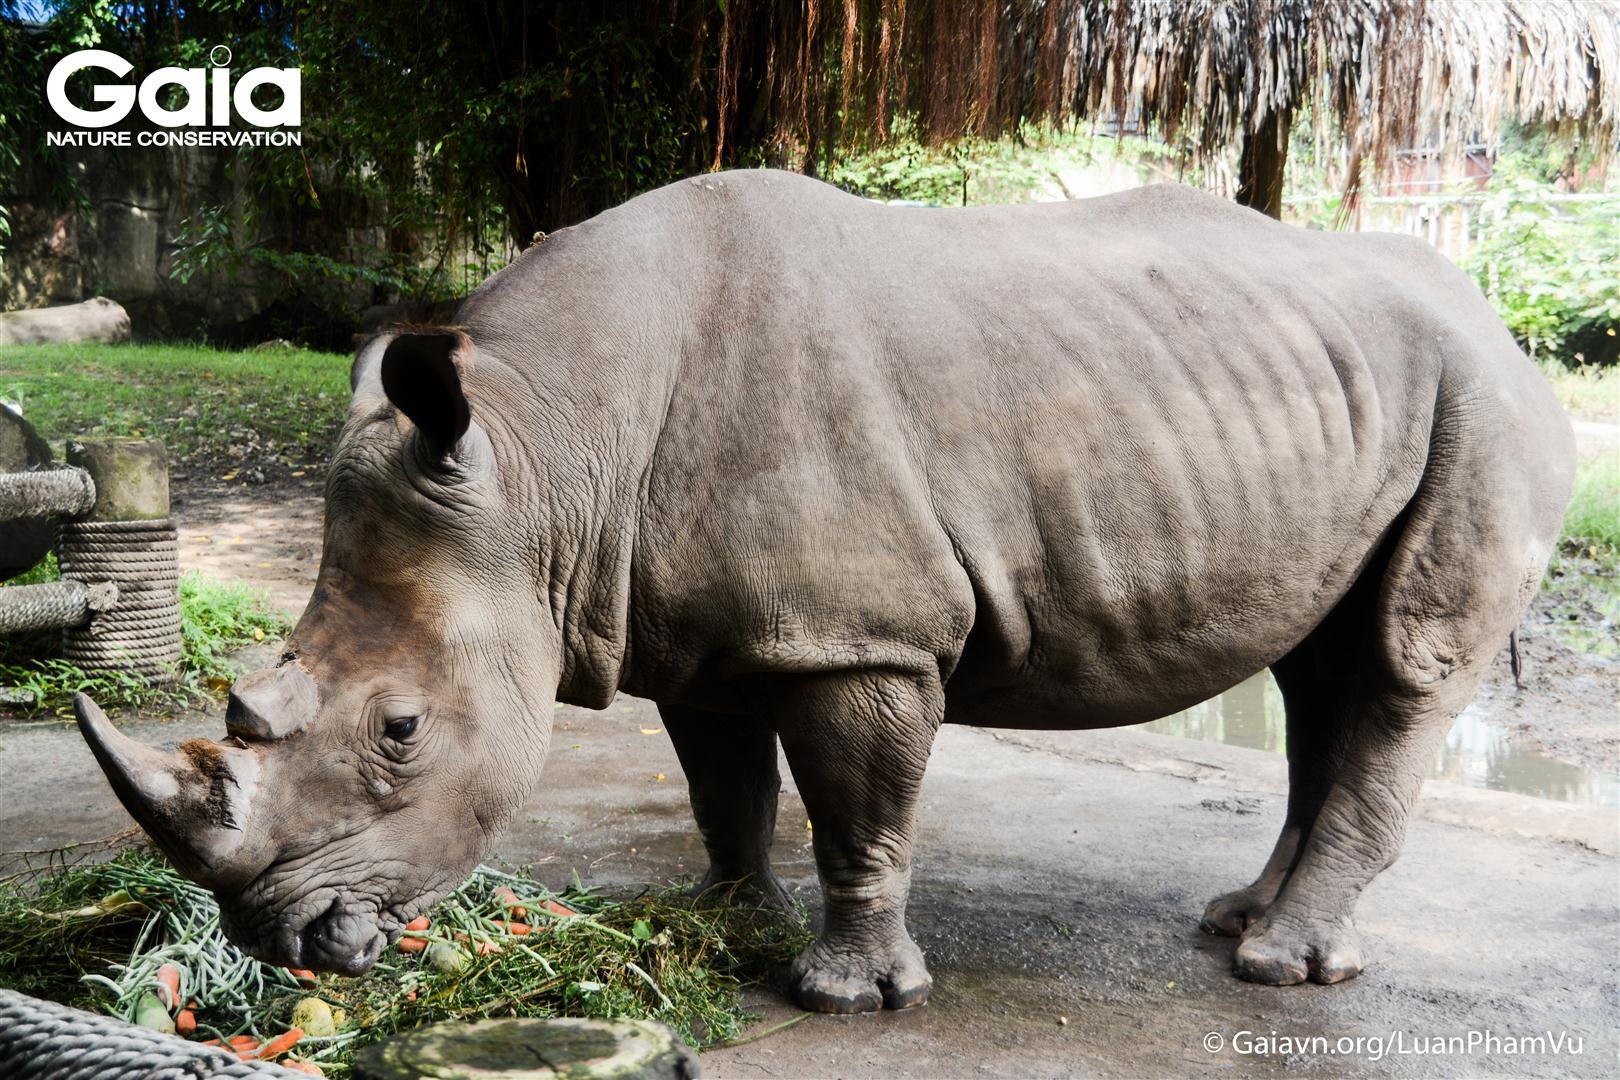 Tê giác trắng quý hiếm tại Thảo Cầm Viên.